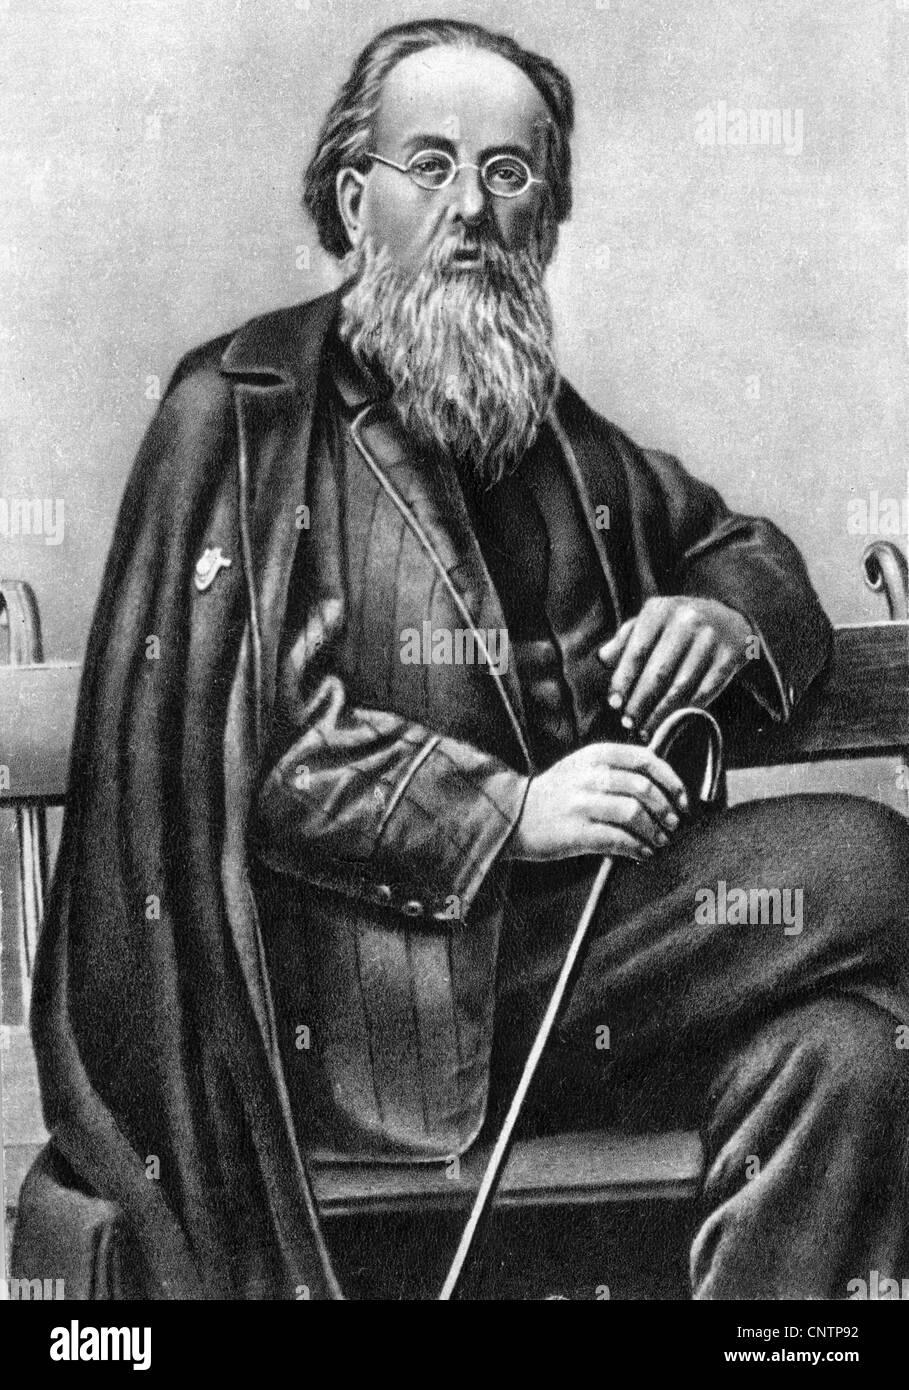 Tsiolkovskii, Konstantin Eduardovich, 17.9.1857 - 19.9.1935, russischer Physiker, Mathematikhistoriker, halbe Länge, Stockfoto